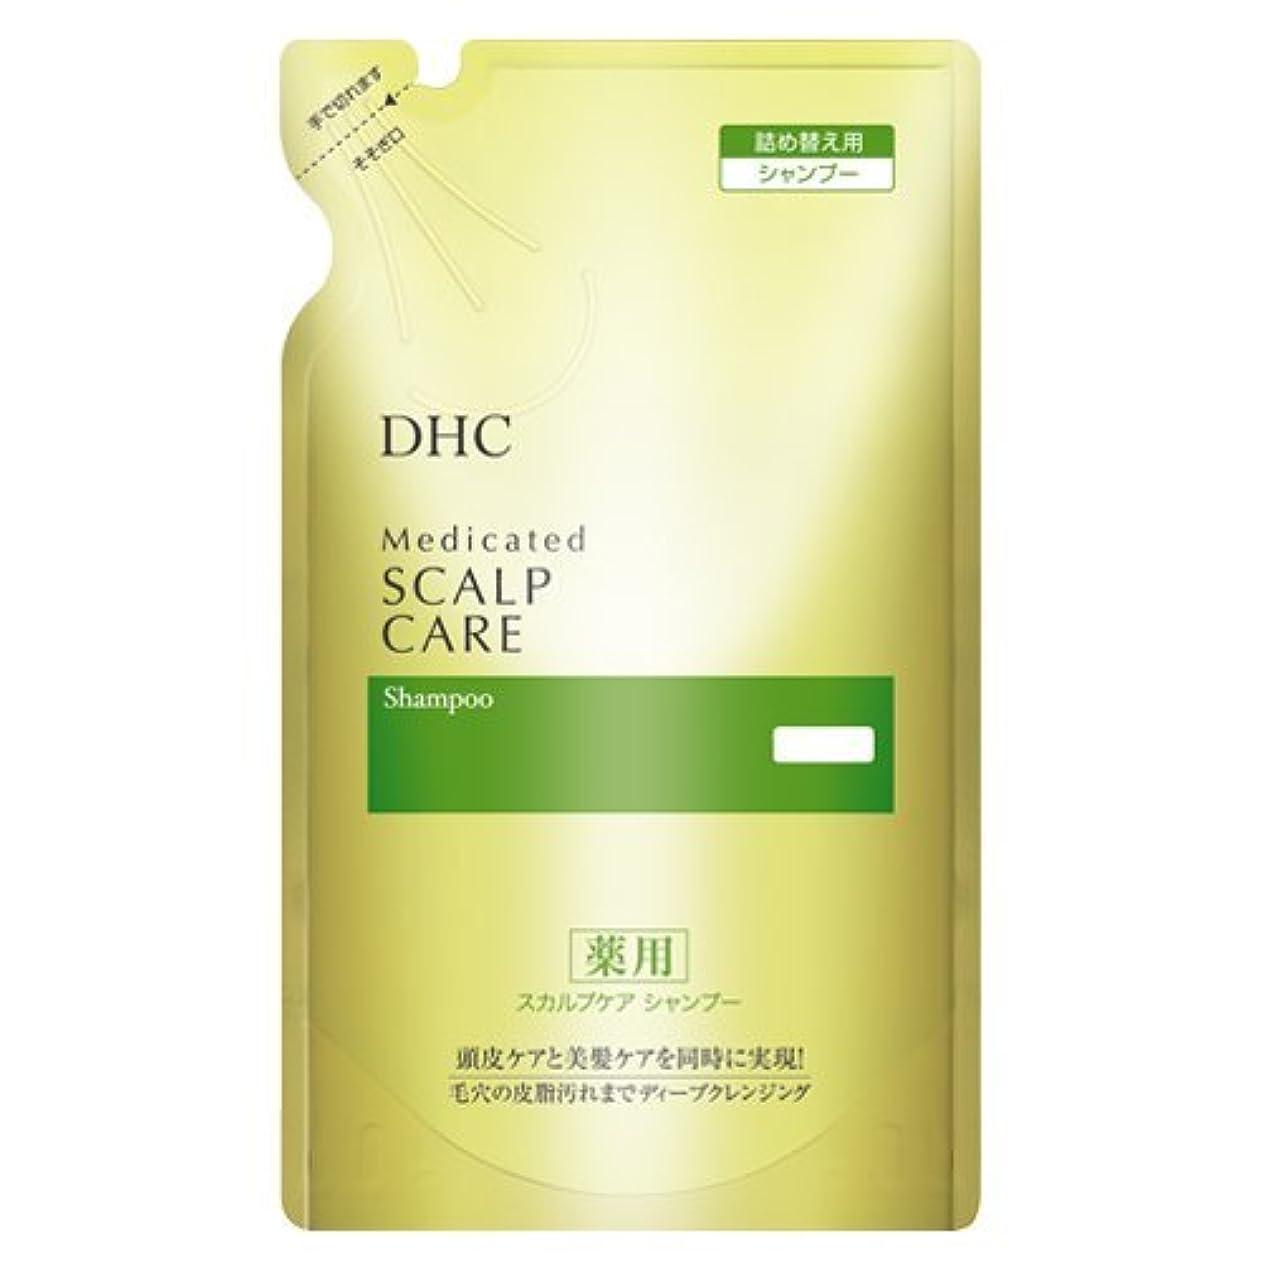 別々に予想外西【医薬部外品】DHC薬用スカルプケア シャンプー 詰め替え用